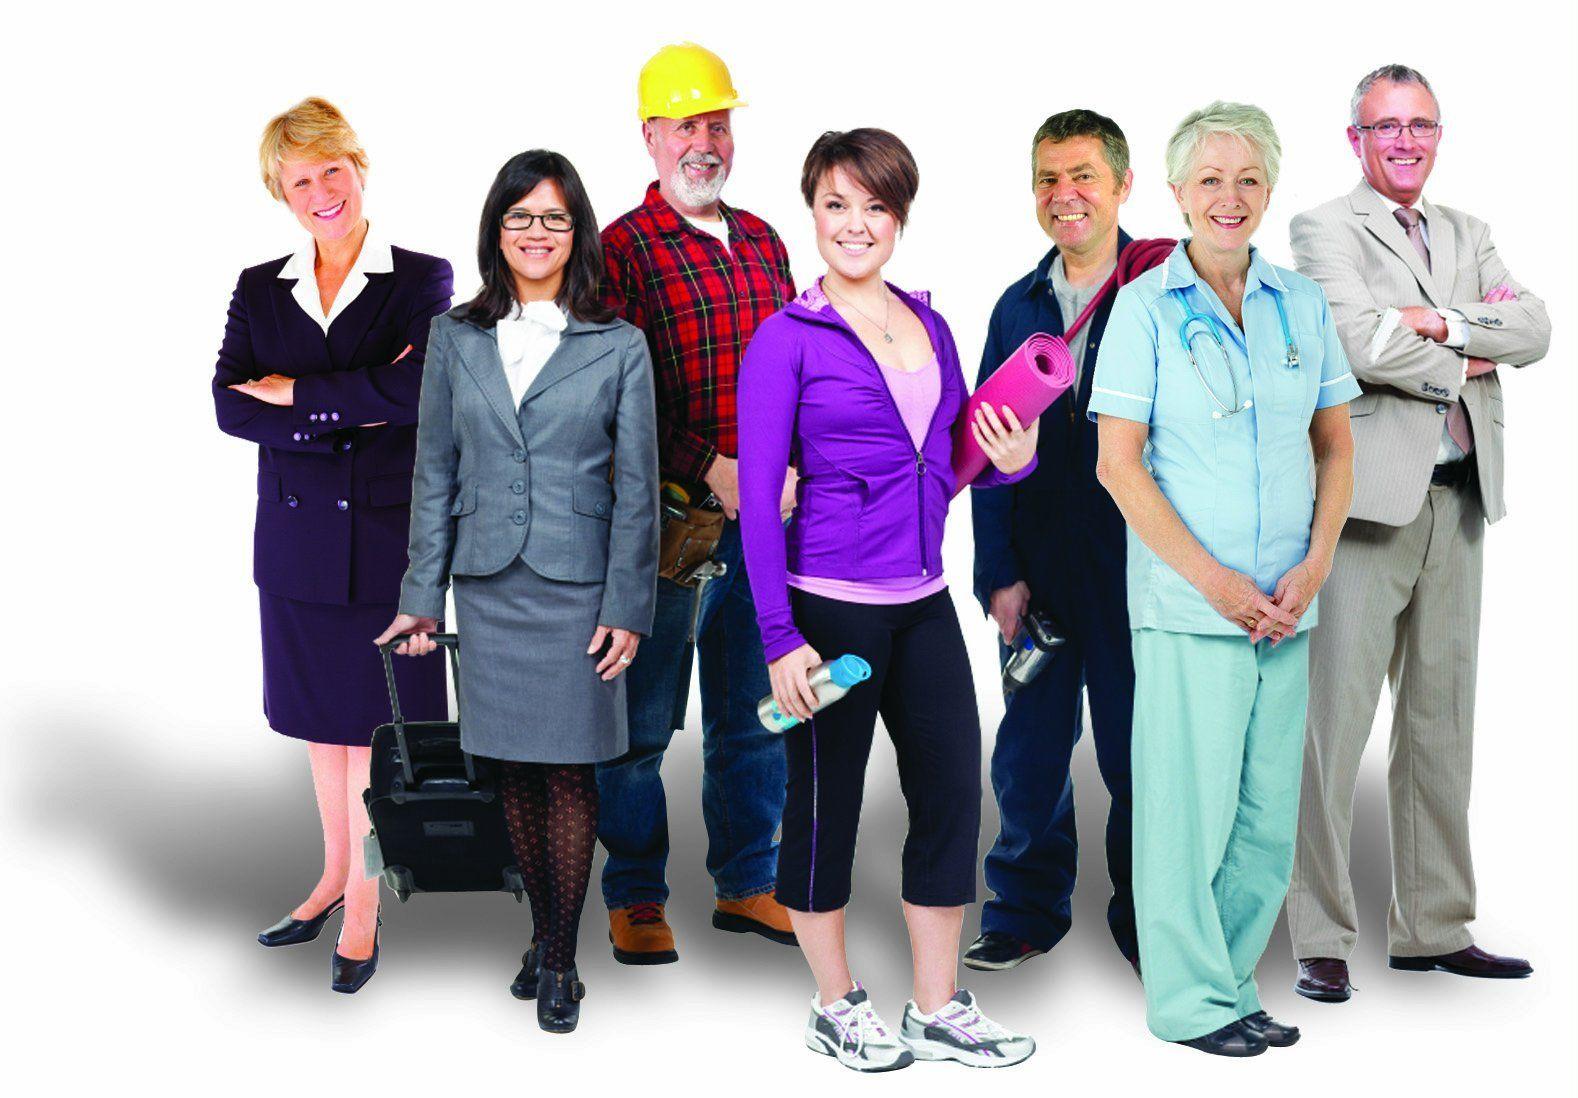 working-people-people